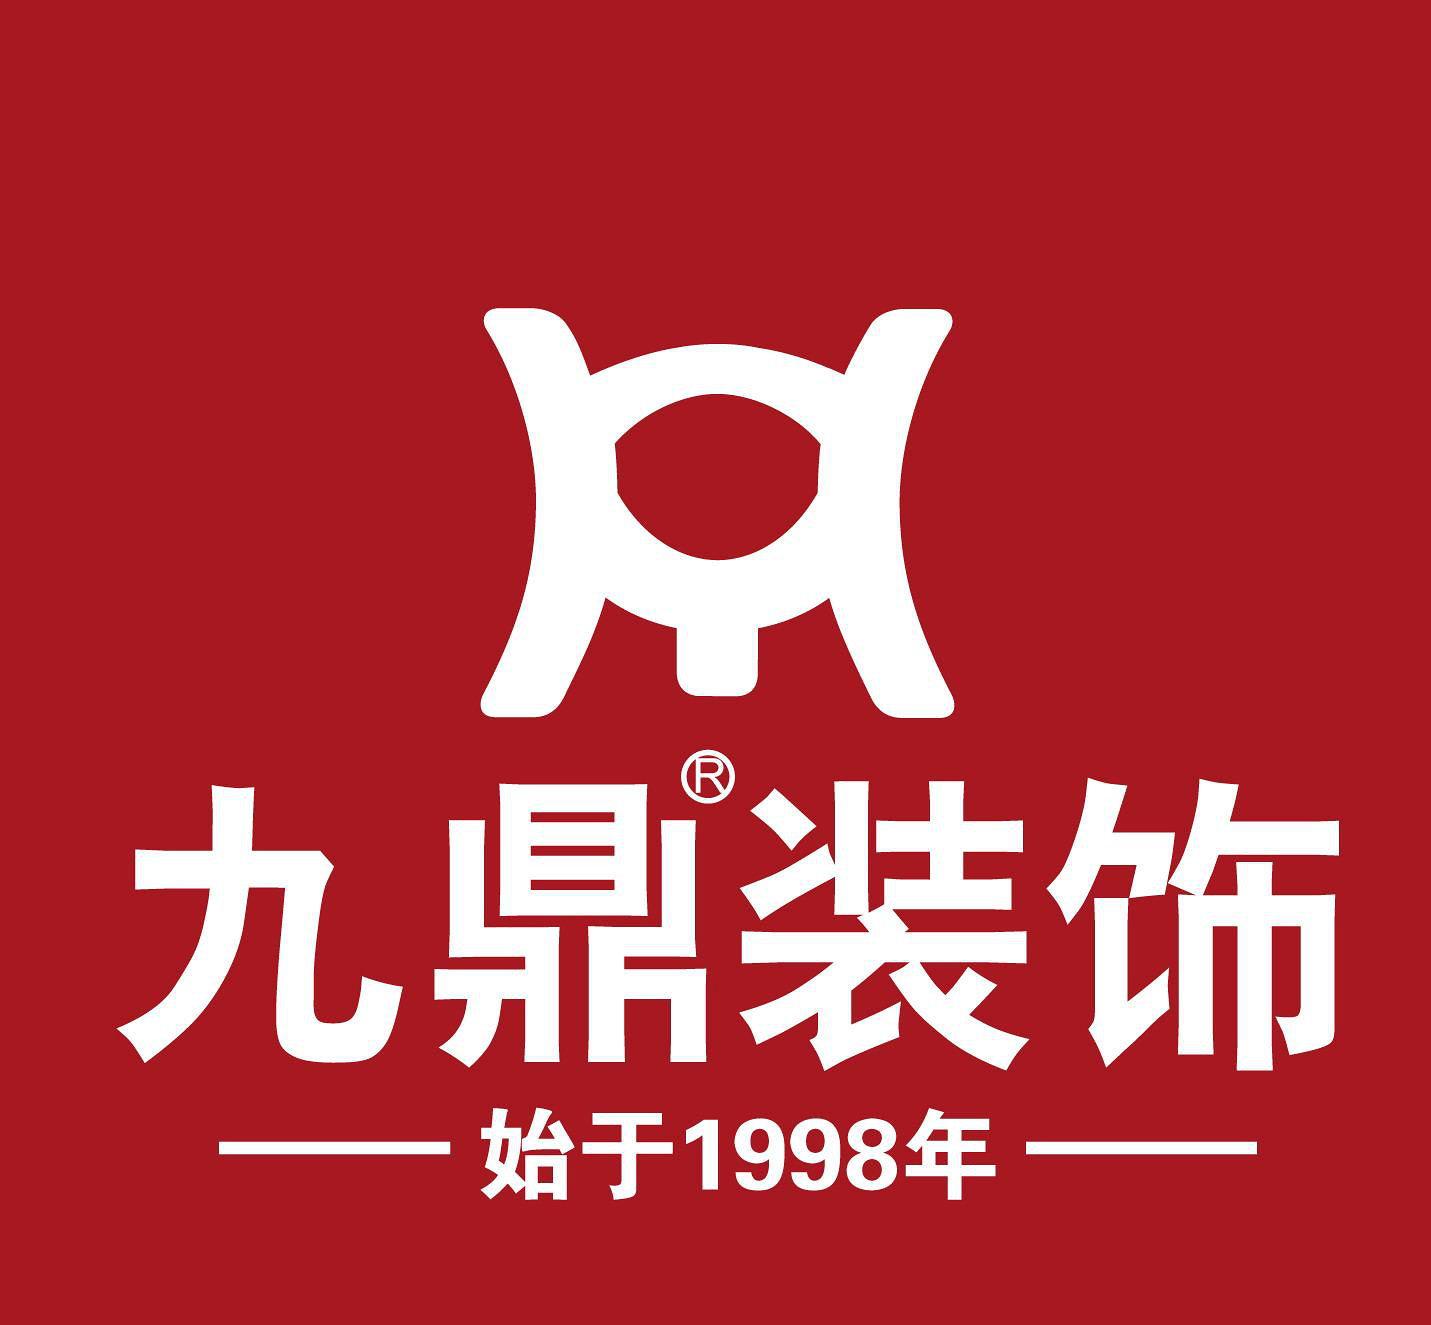 洛阳九鼎装饰集团